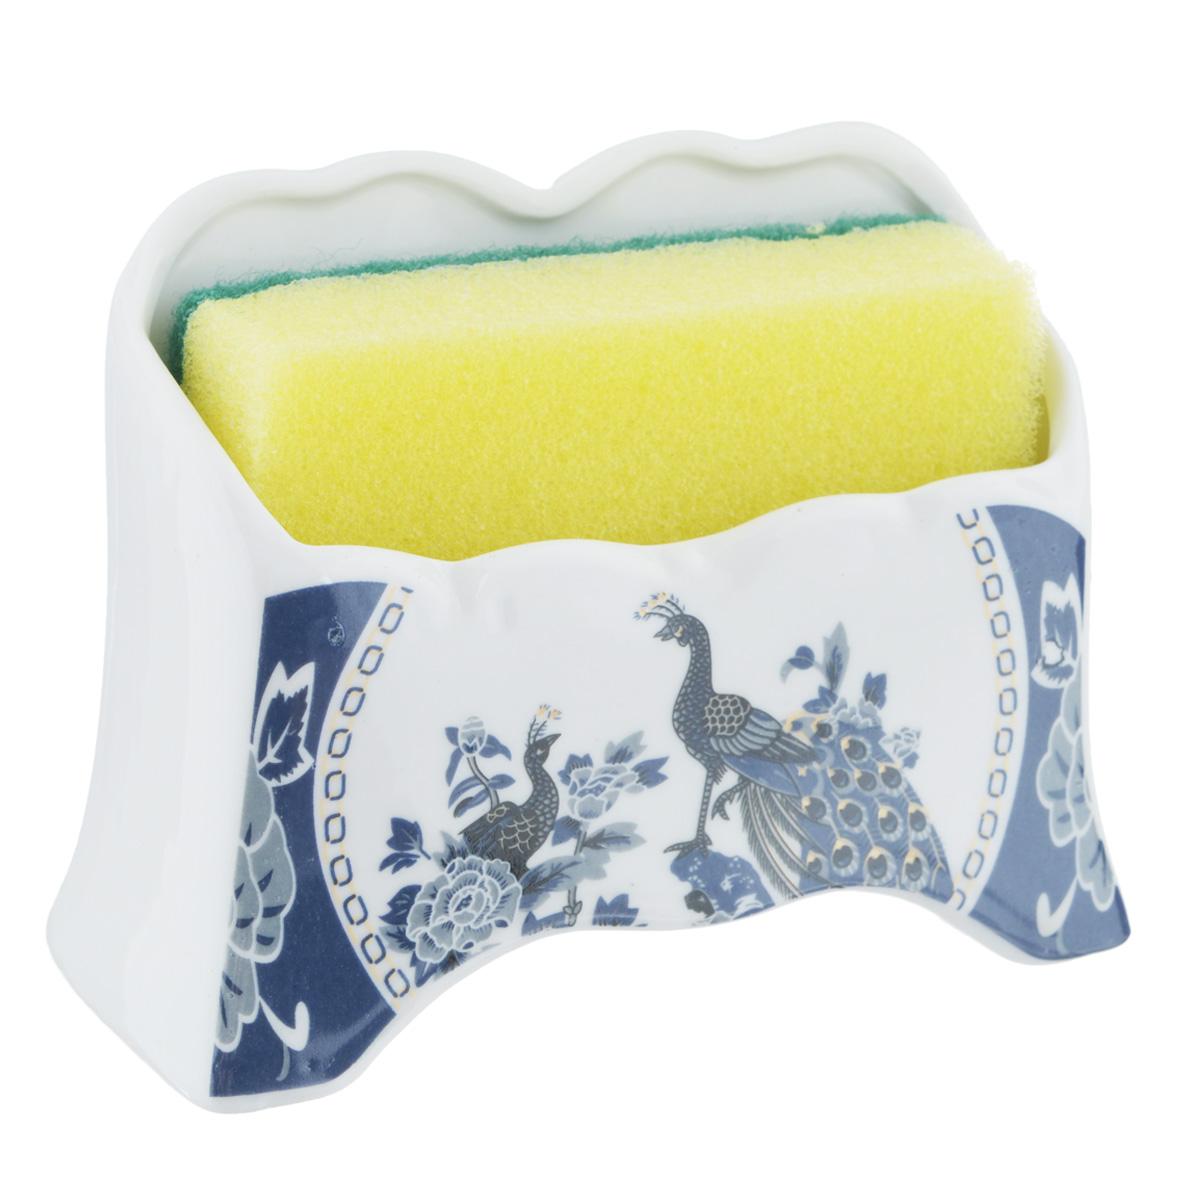 Набор для мытья посуды Saguro Синий павлин, 2 предметаCLP446Подставка Saguro Синий павлин изготовлена из высококачественного фарфора и оформлена изображением павлинов. В комплект с подставкой входит губка для мытья посуды. Изящная подставка прекрасно впишется в интерьер вашей кухни. Не применять абразивные моющие средства. Размер подставки: 11,5 см х 5 см х 8,5 см.